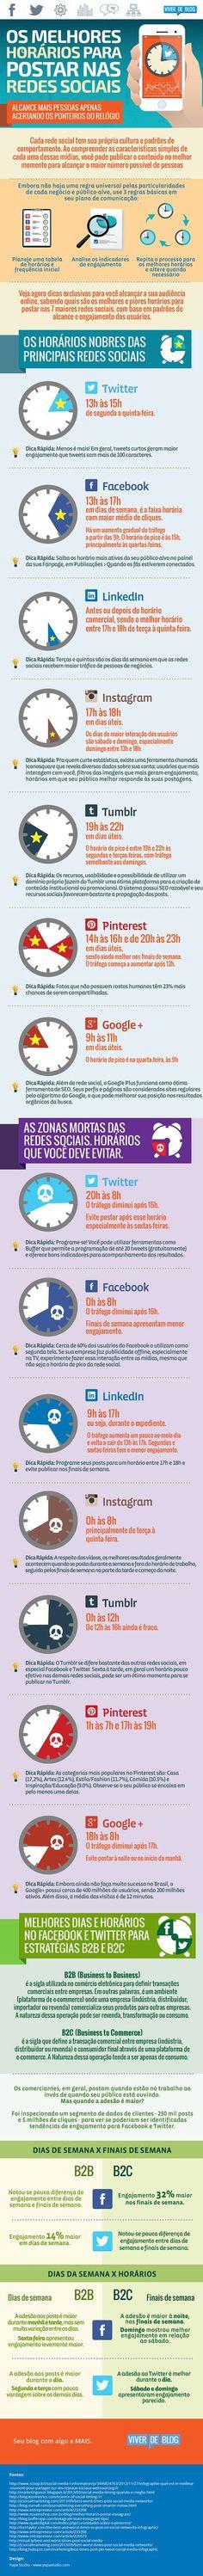 Confira mais acessando www.blogcomunicando.com.br